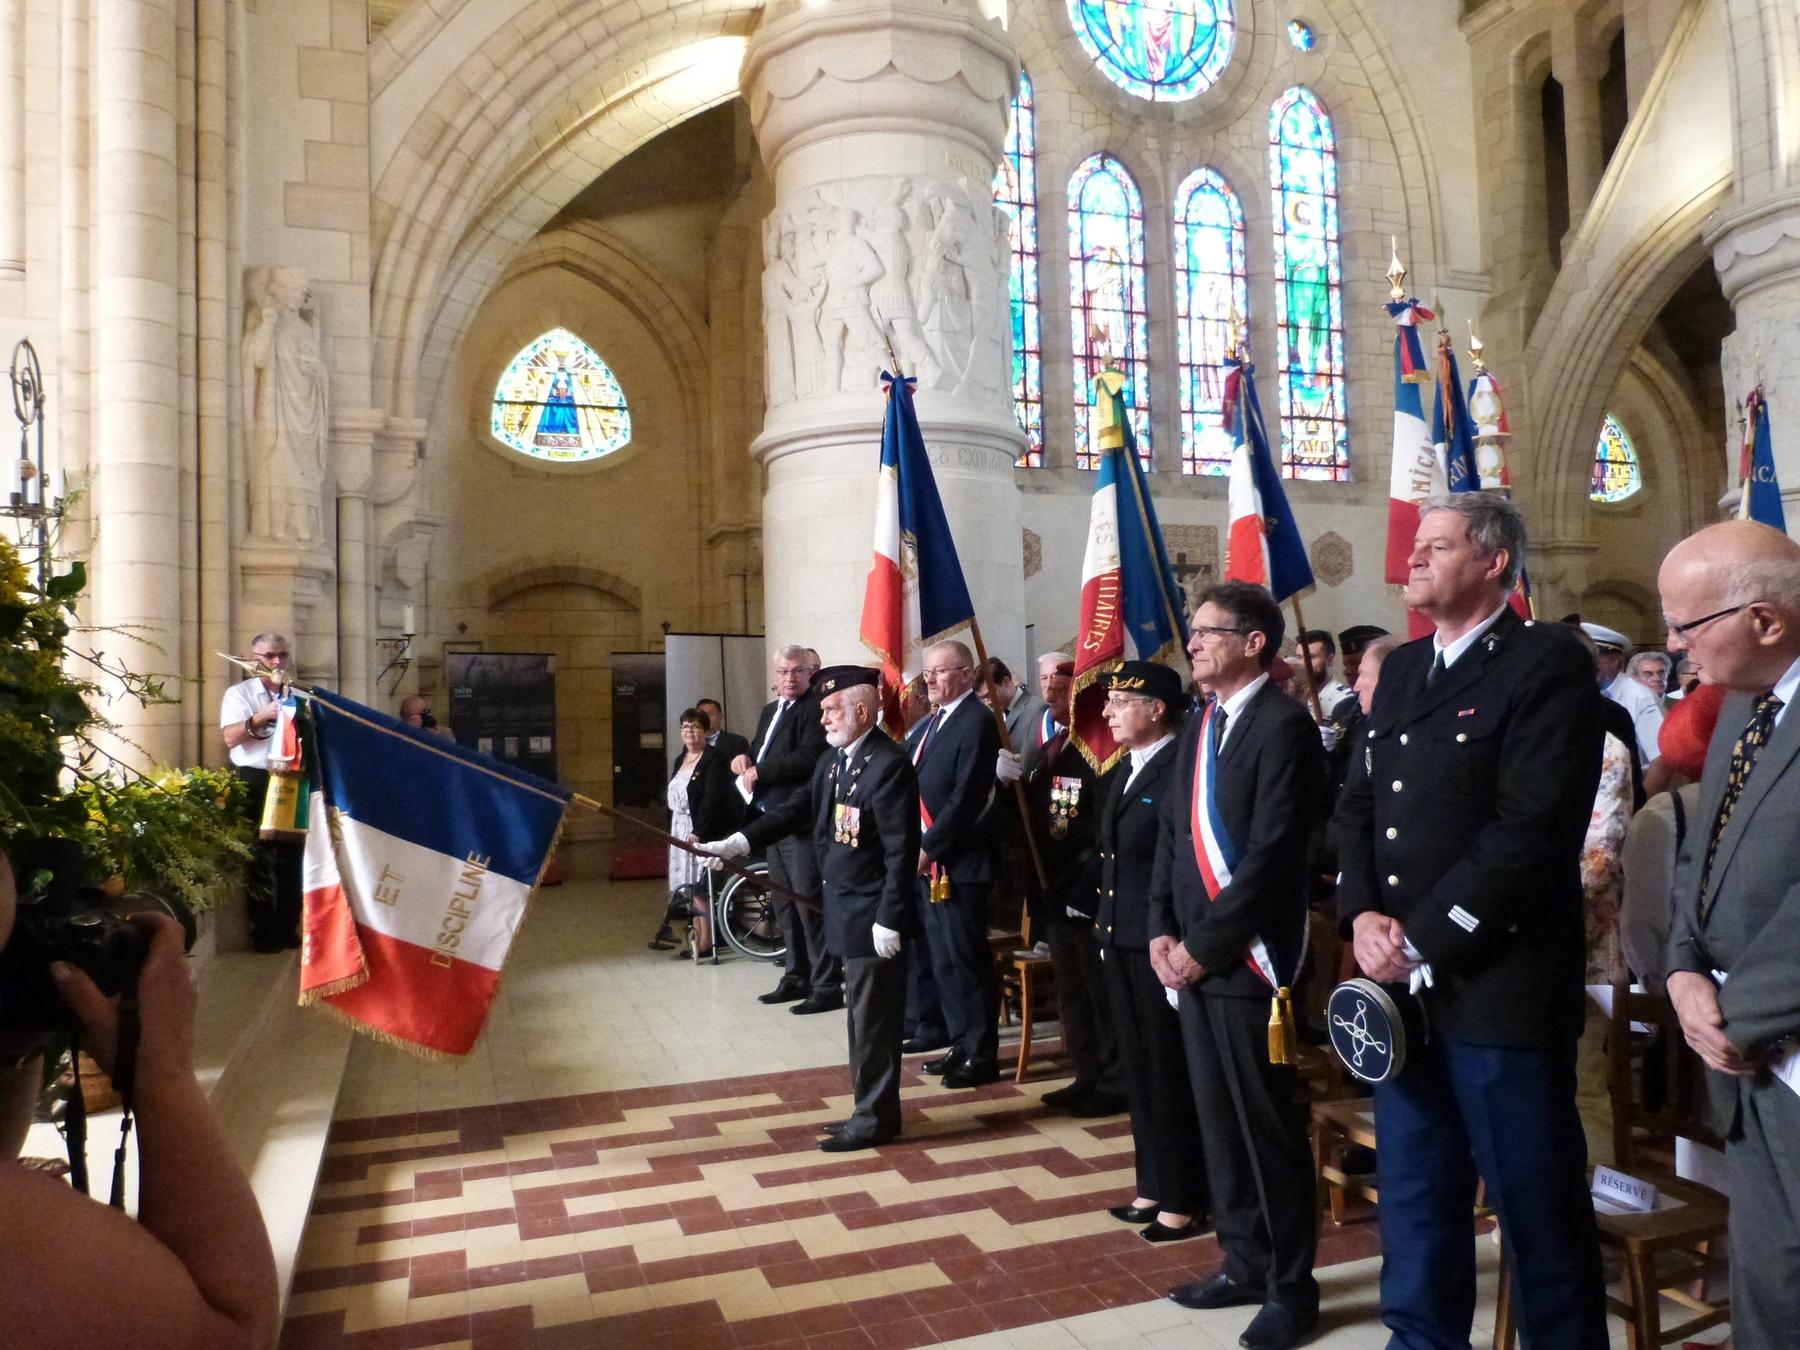 Arrivée des porte-drapeaux à la messe. : 8 juillet 2018 Mémorial de Dormans